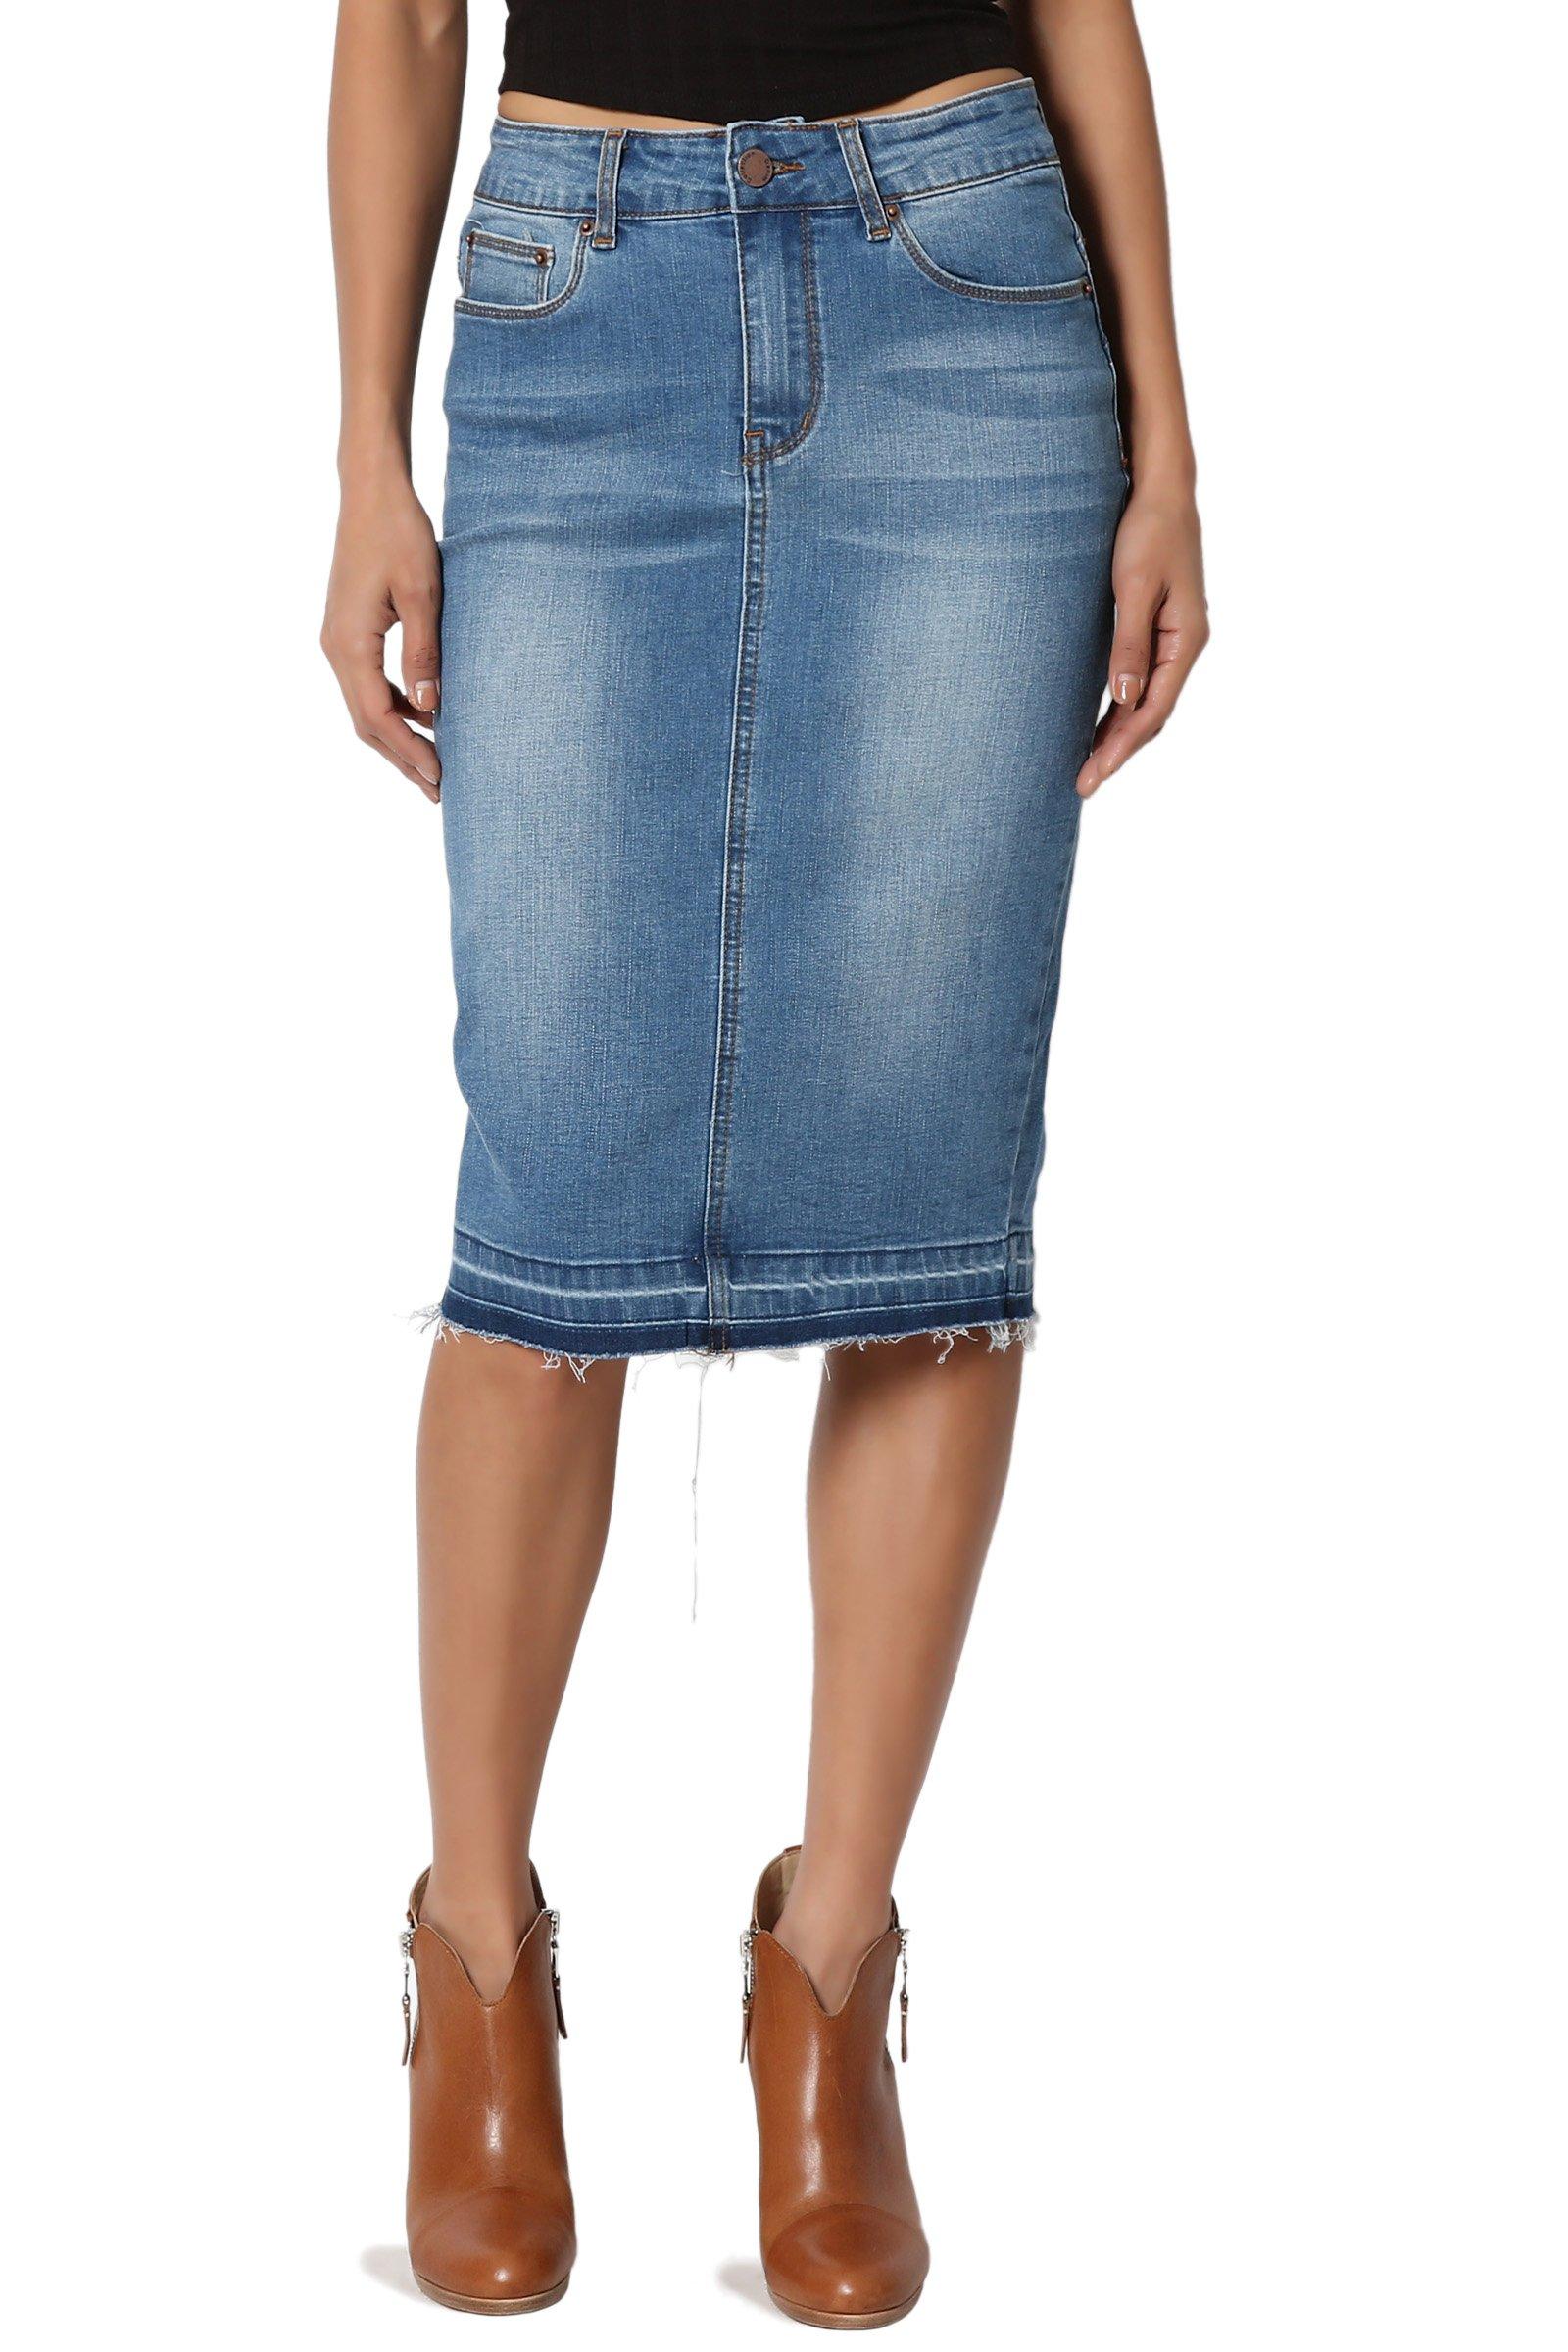 TheMogan Women's Butt Lift Washed Blue Jean Pencil Midi Soft Denim Skirt Light L